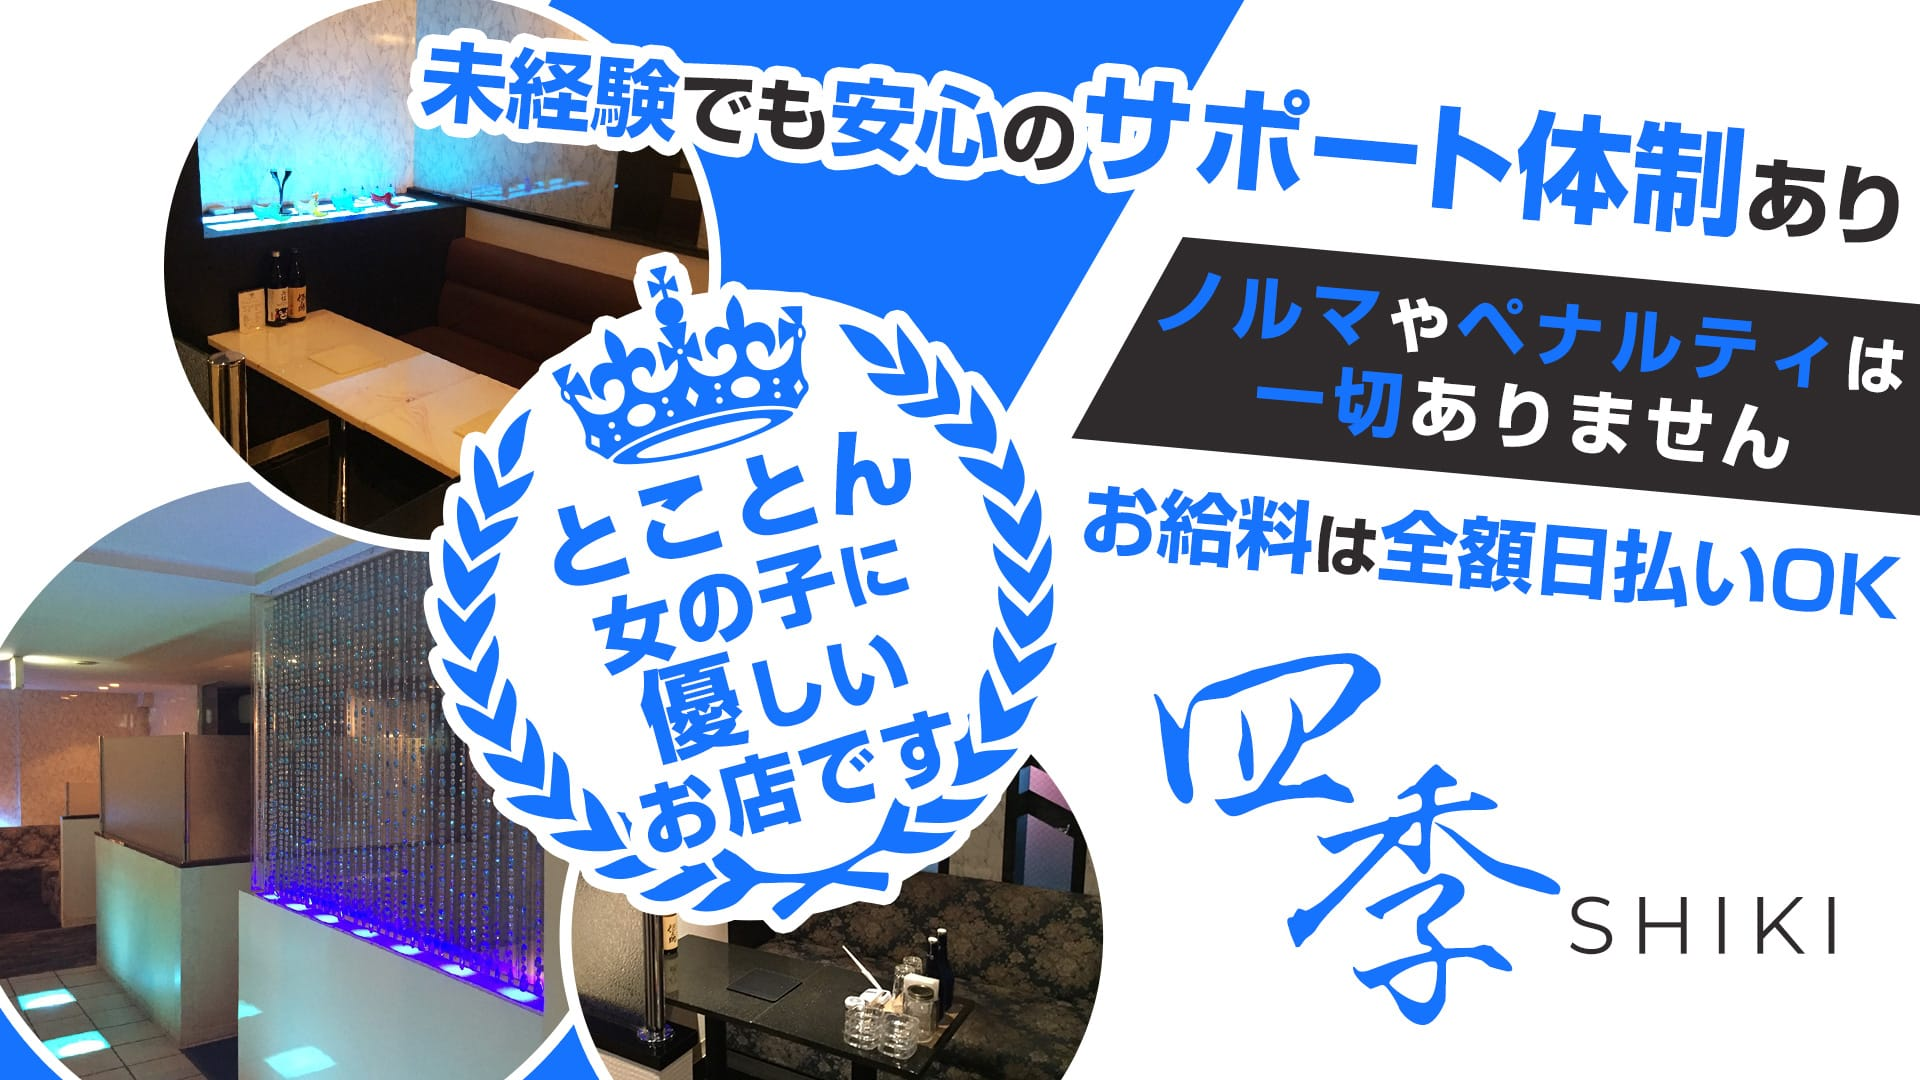 New Club 四季(シキ) 下通りニュークラブ TOP画像